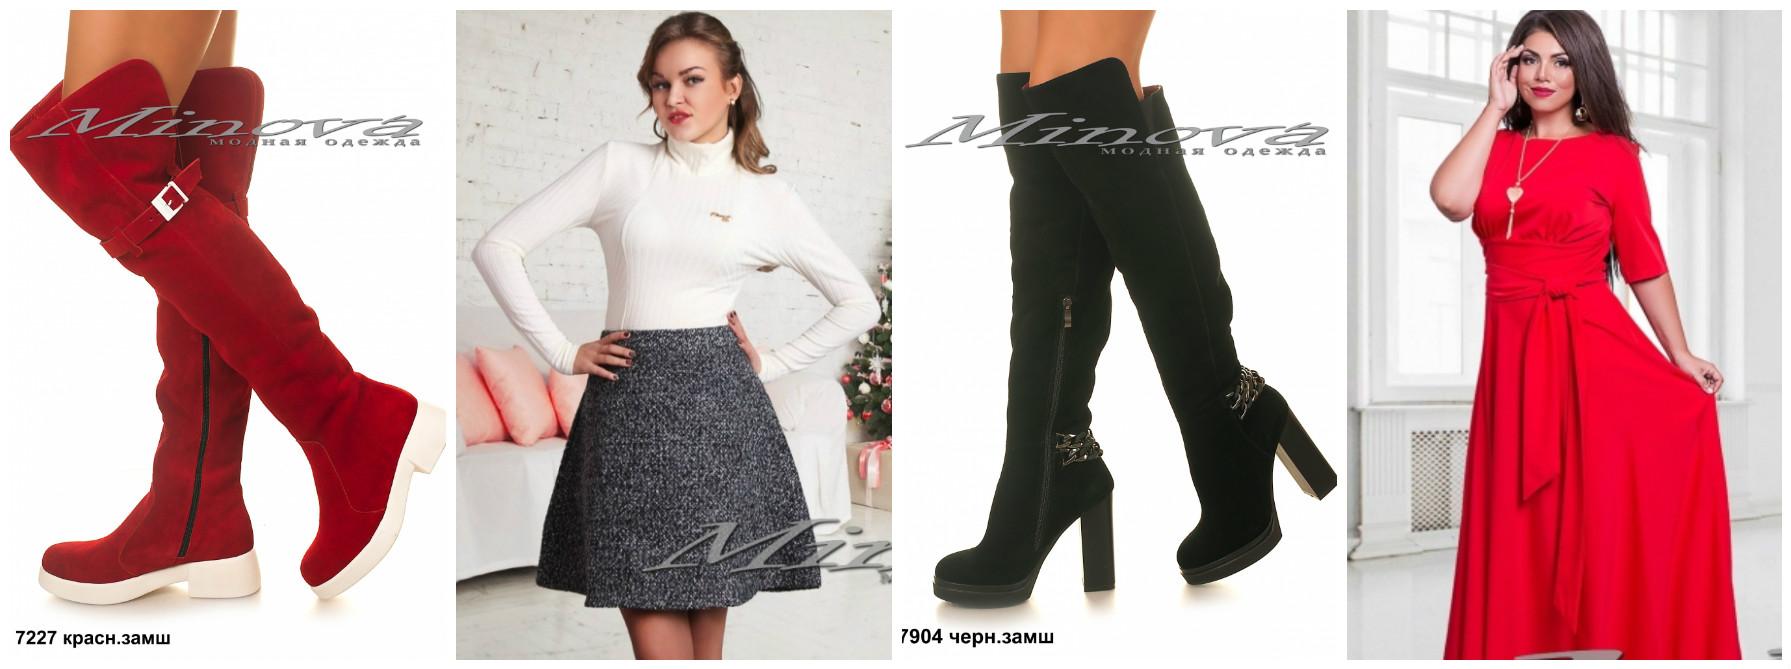 Сбор заказов. Minоva обворожительная и элегантная. Платья, костюмы, джинсы. Обувь из натуральной кожи. Без рядов. Выкуп -4